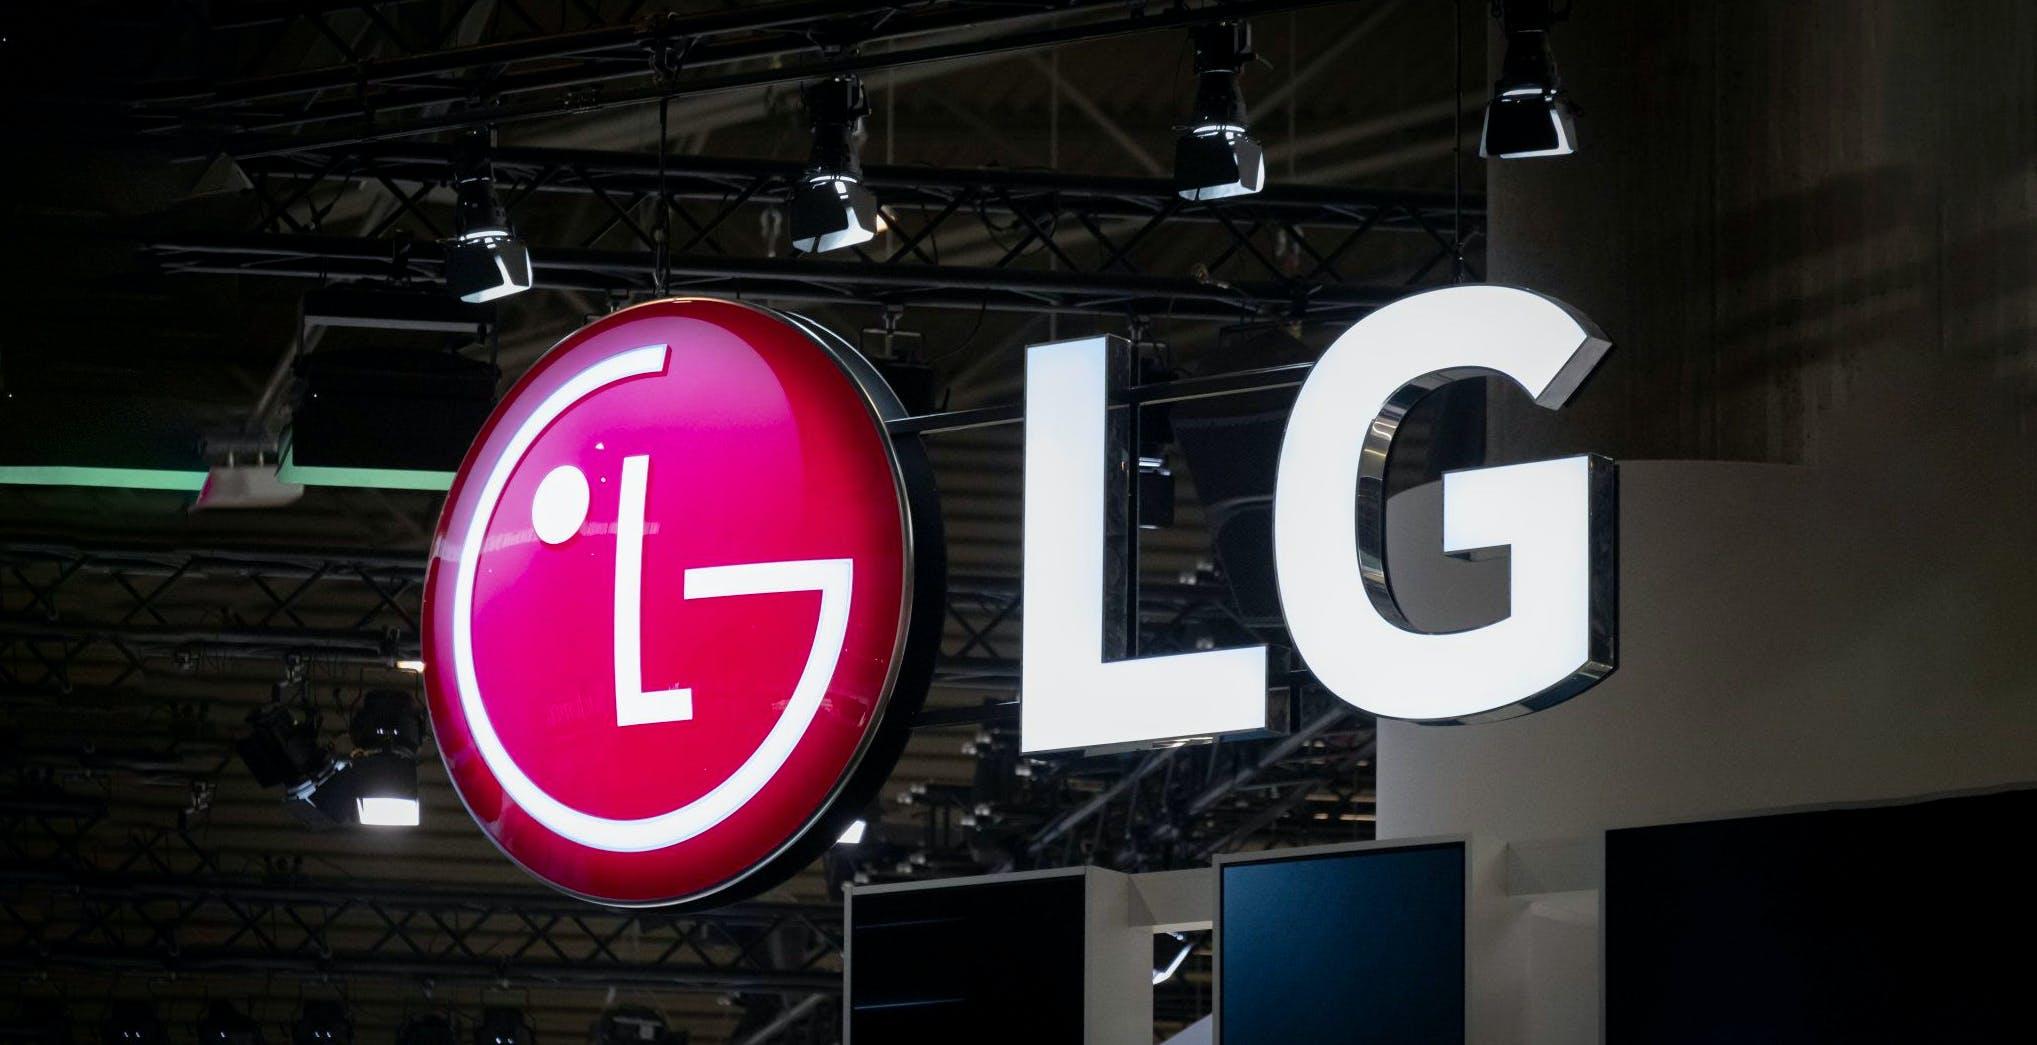 Oggi LG potrebbe annunciare la chiusura della divisione smartphone. Ha perso 4.5 miliardi di dollari in 5 anni